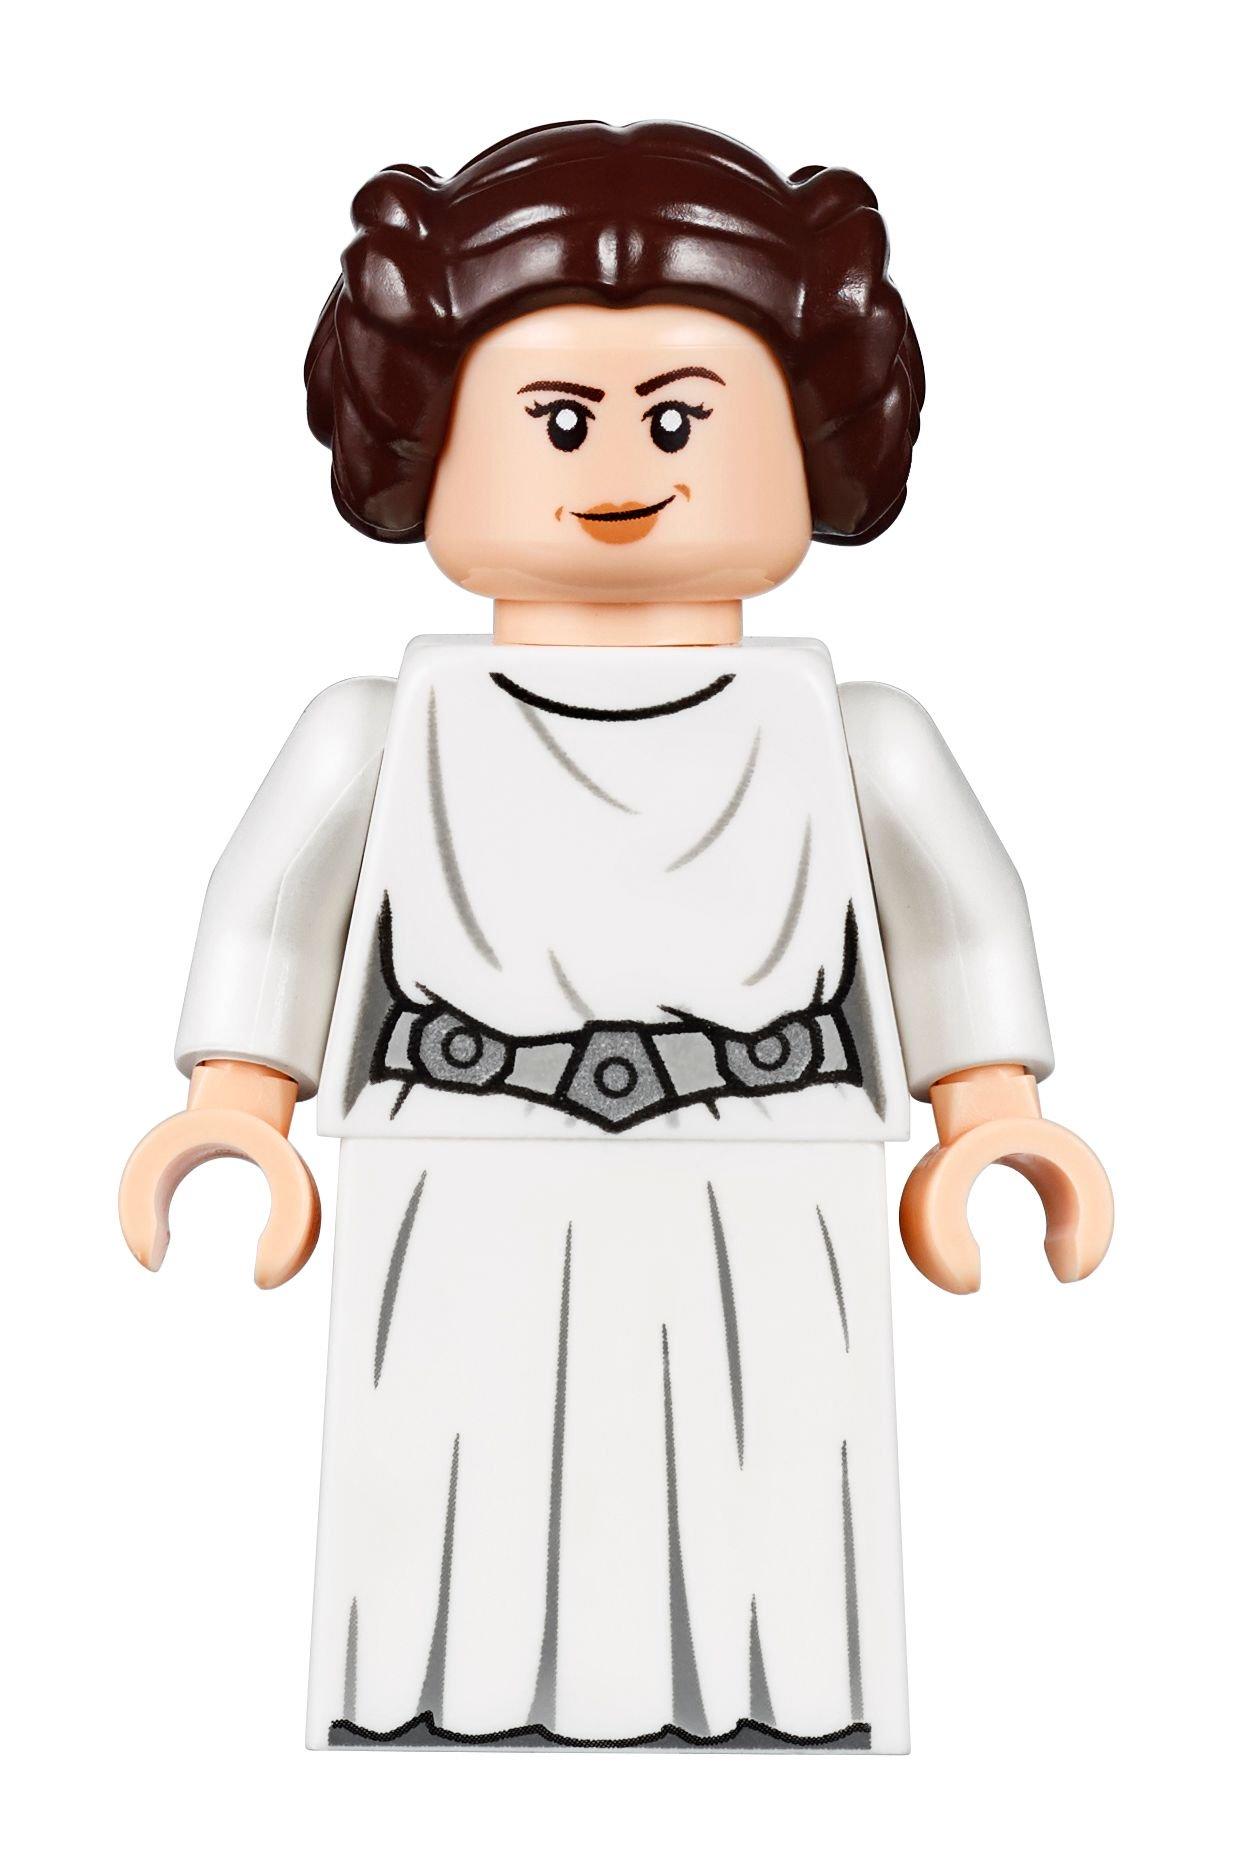 LEGO STAR WARS EWOK LEIA MINIFIGURE DARK BROWN HAIR PART X1 LONG BRAIDED